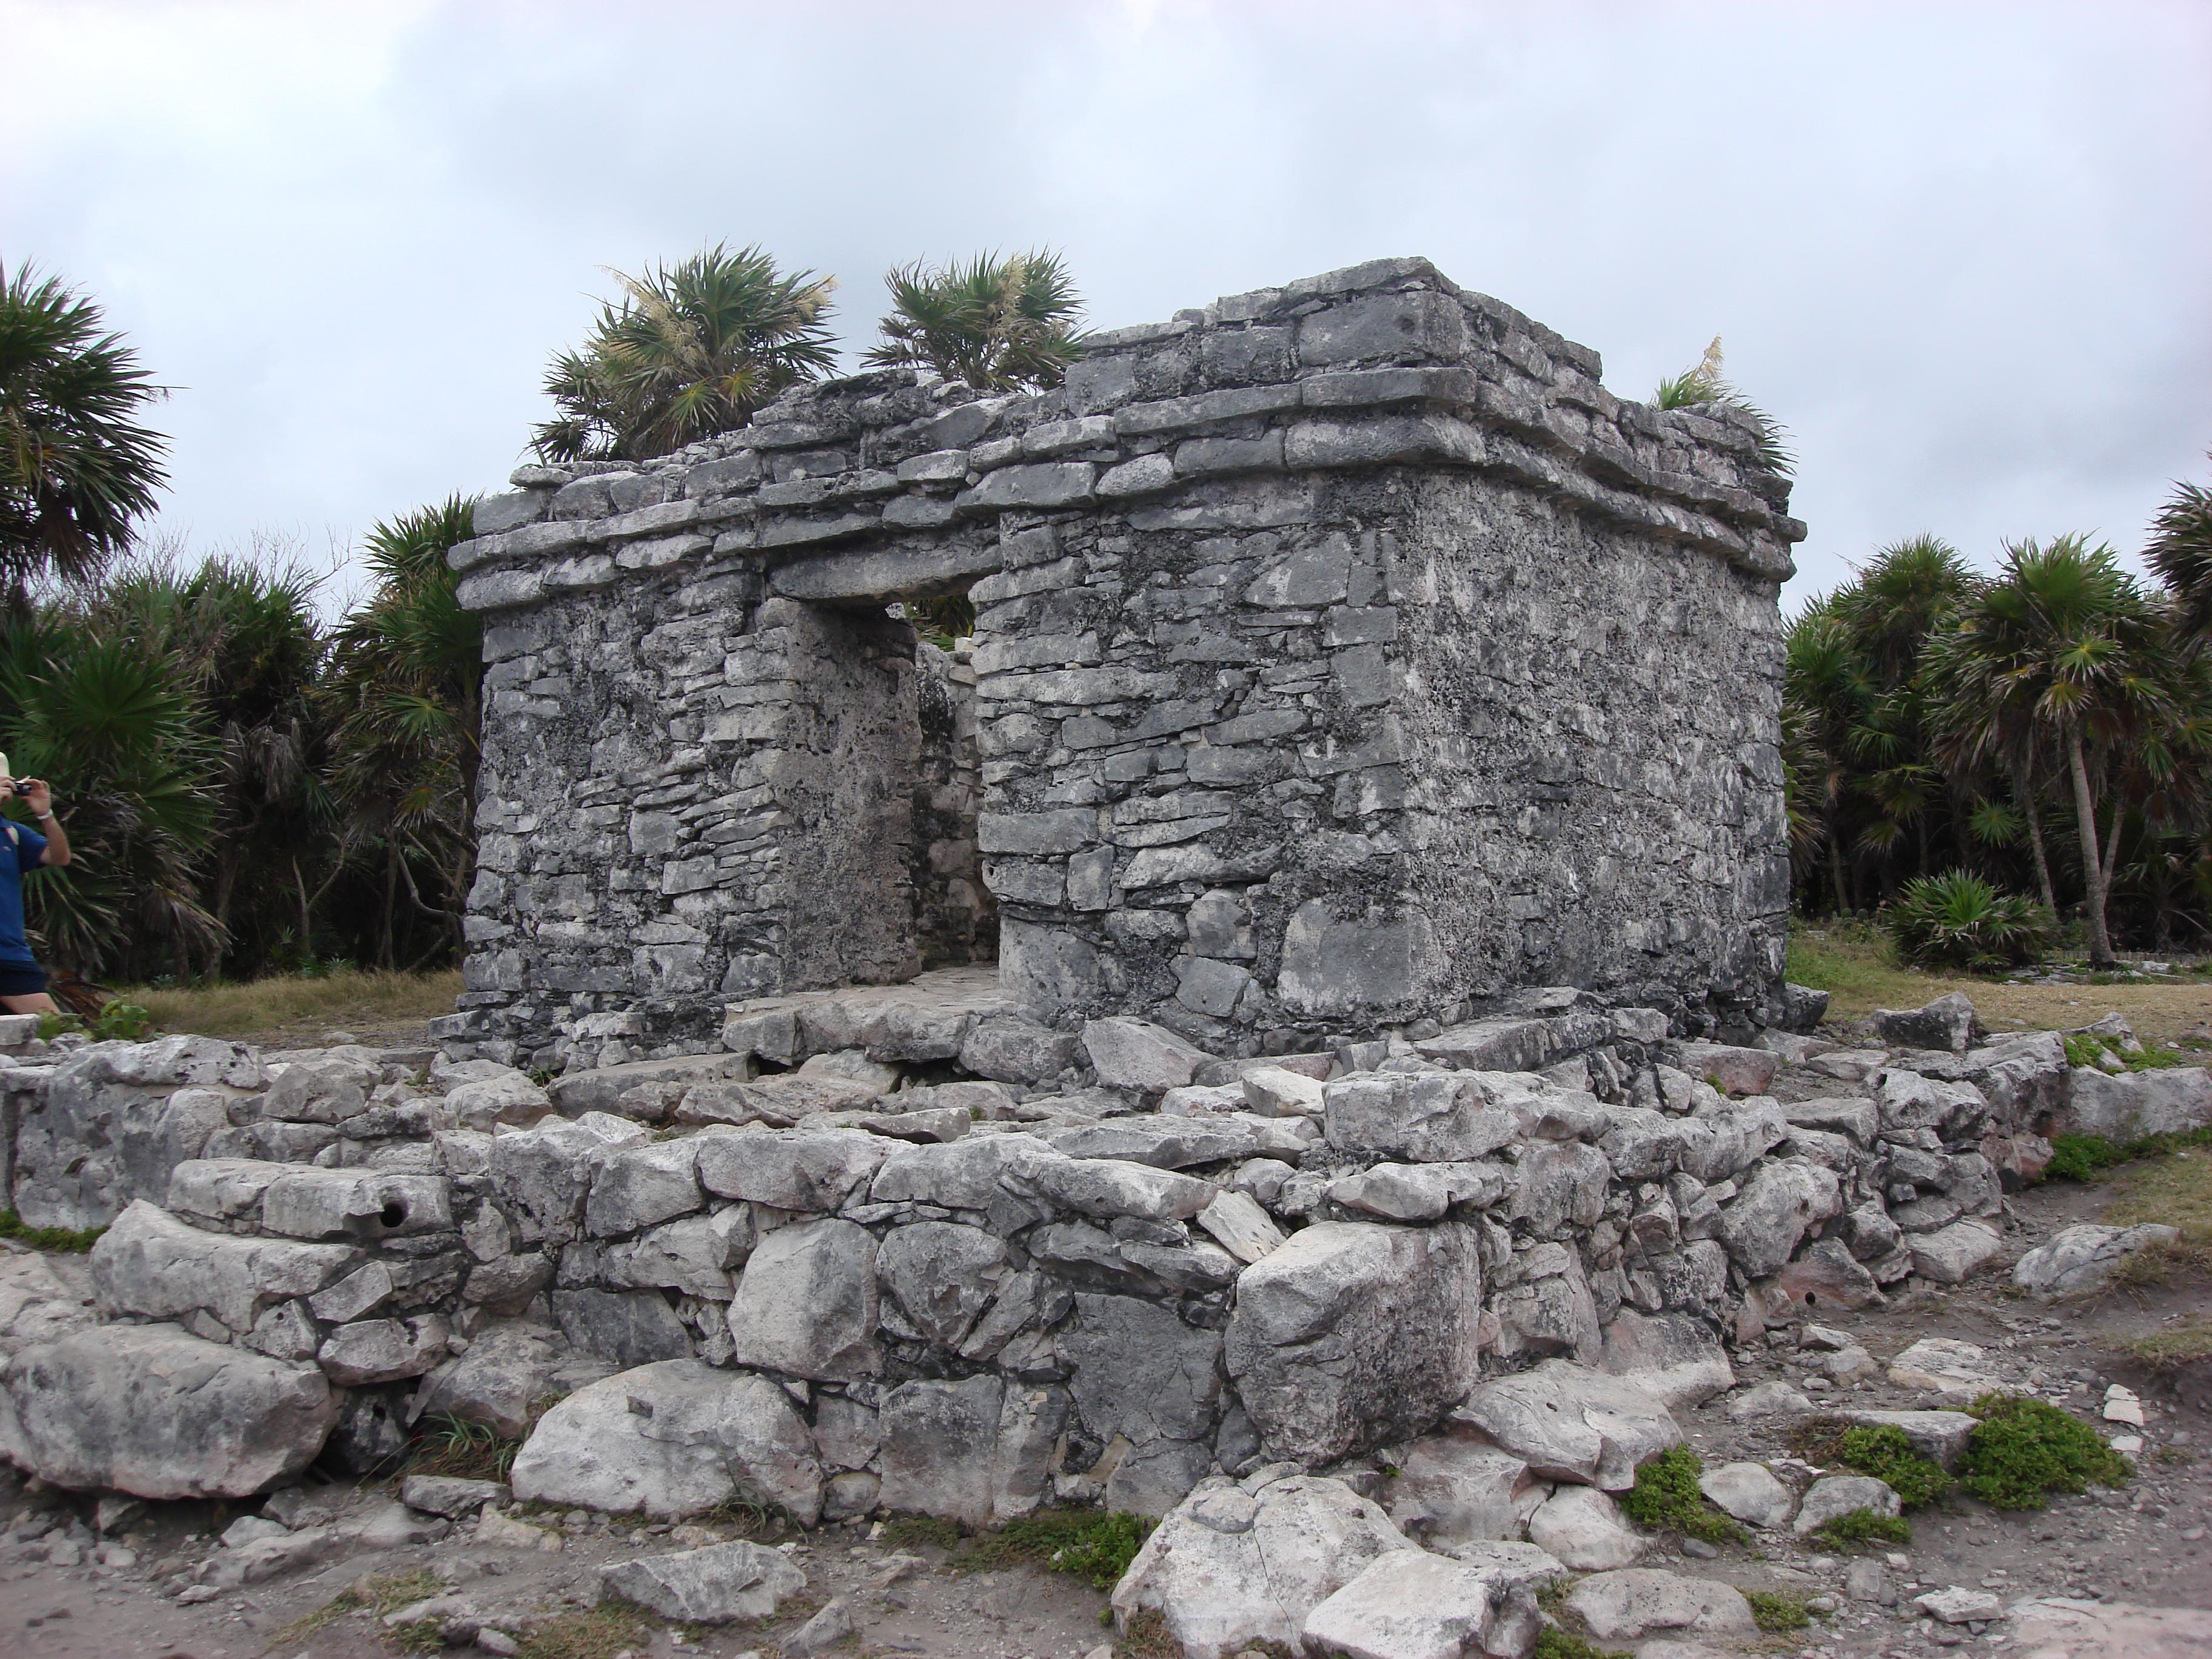 看看外国的石头房子,玛雅文化的哨楼